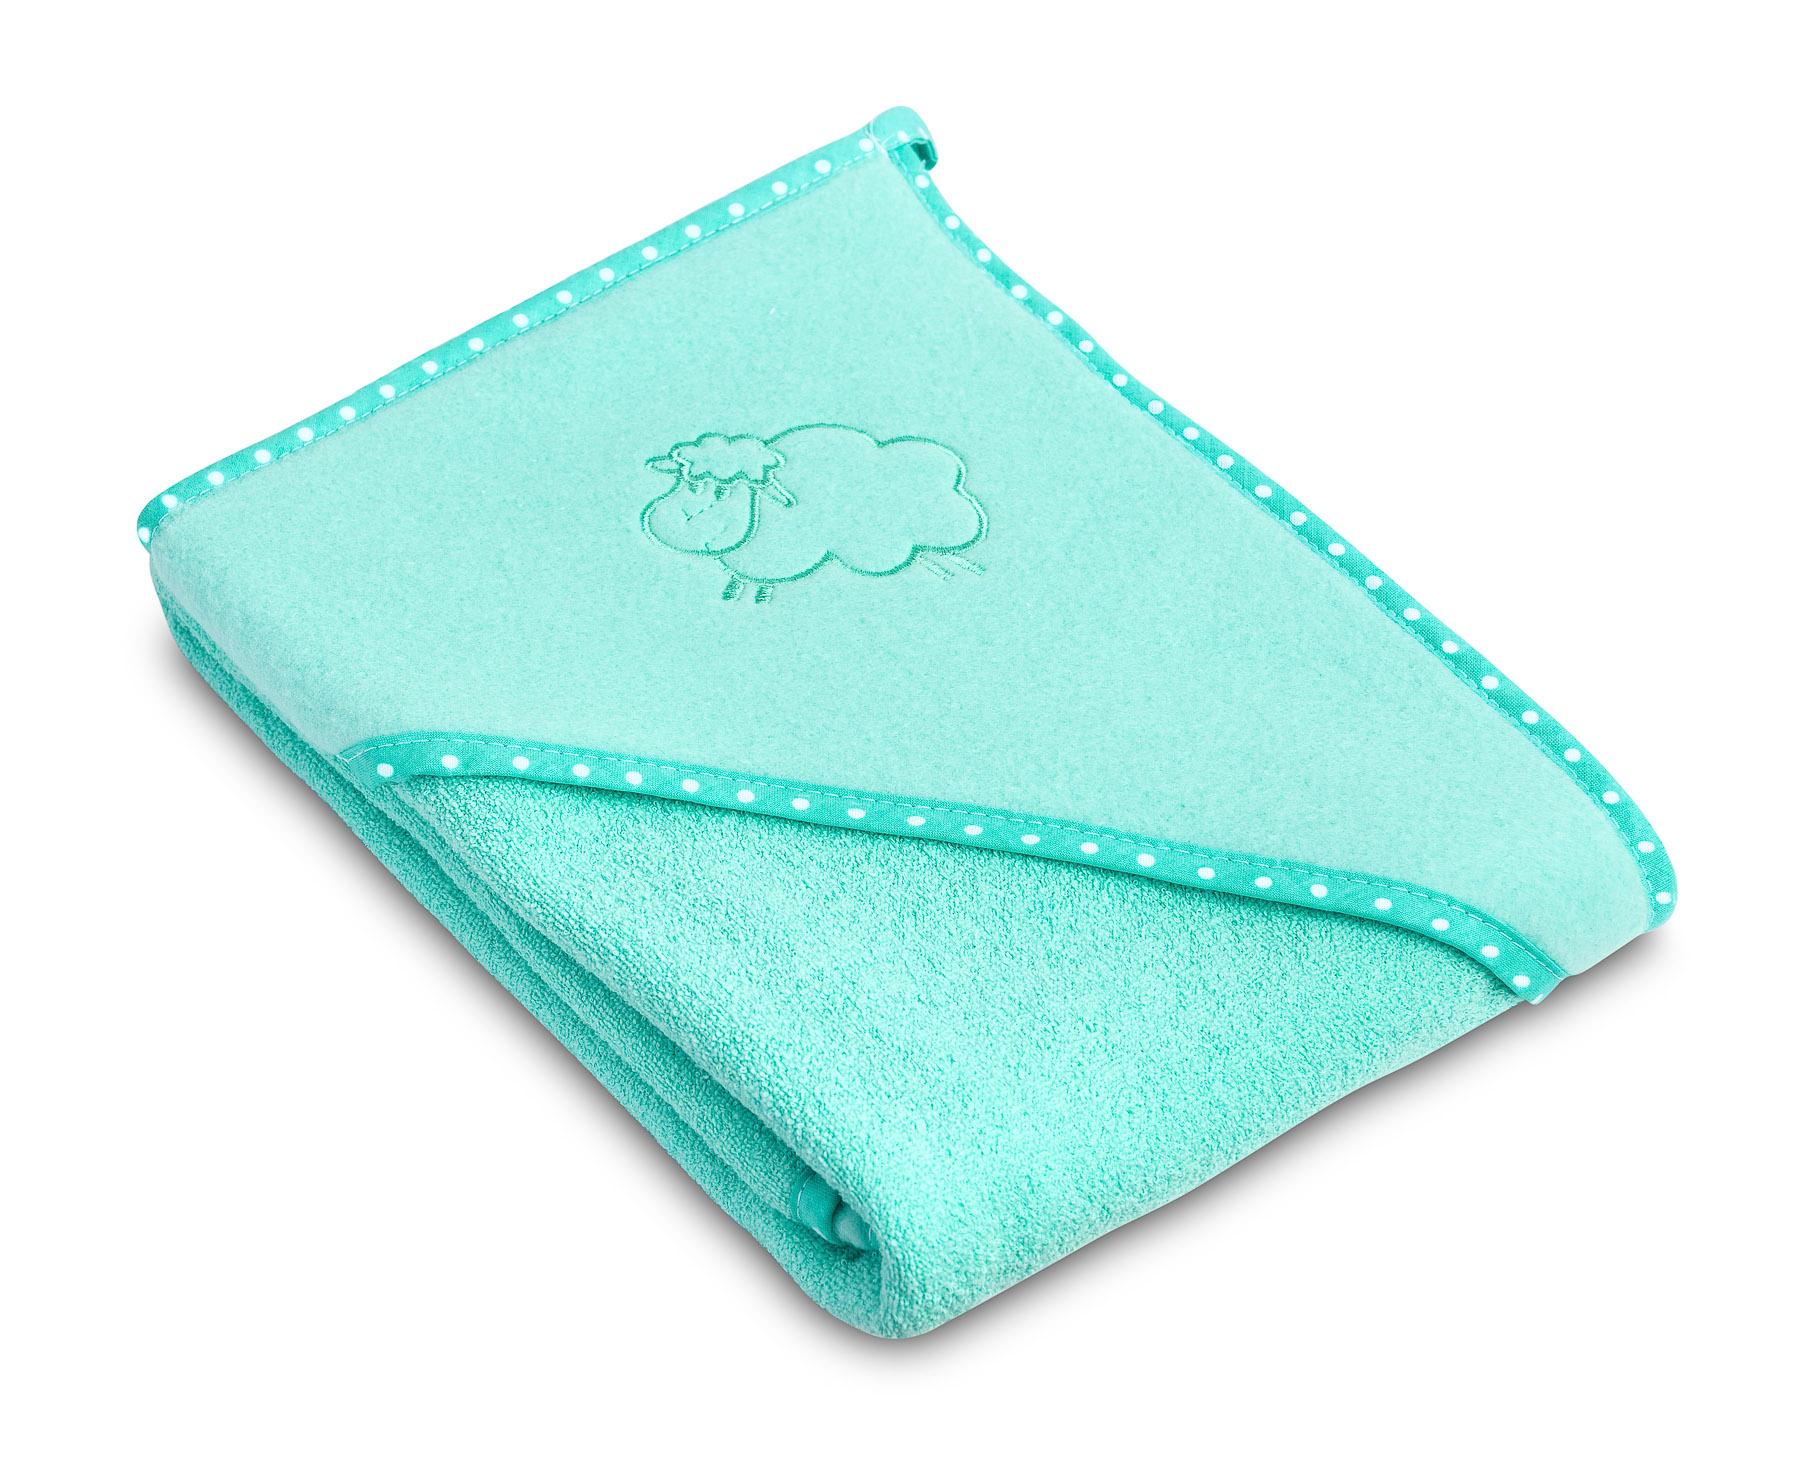 Lamb soft bath towel – turquoise